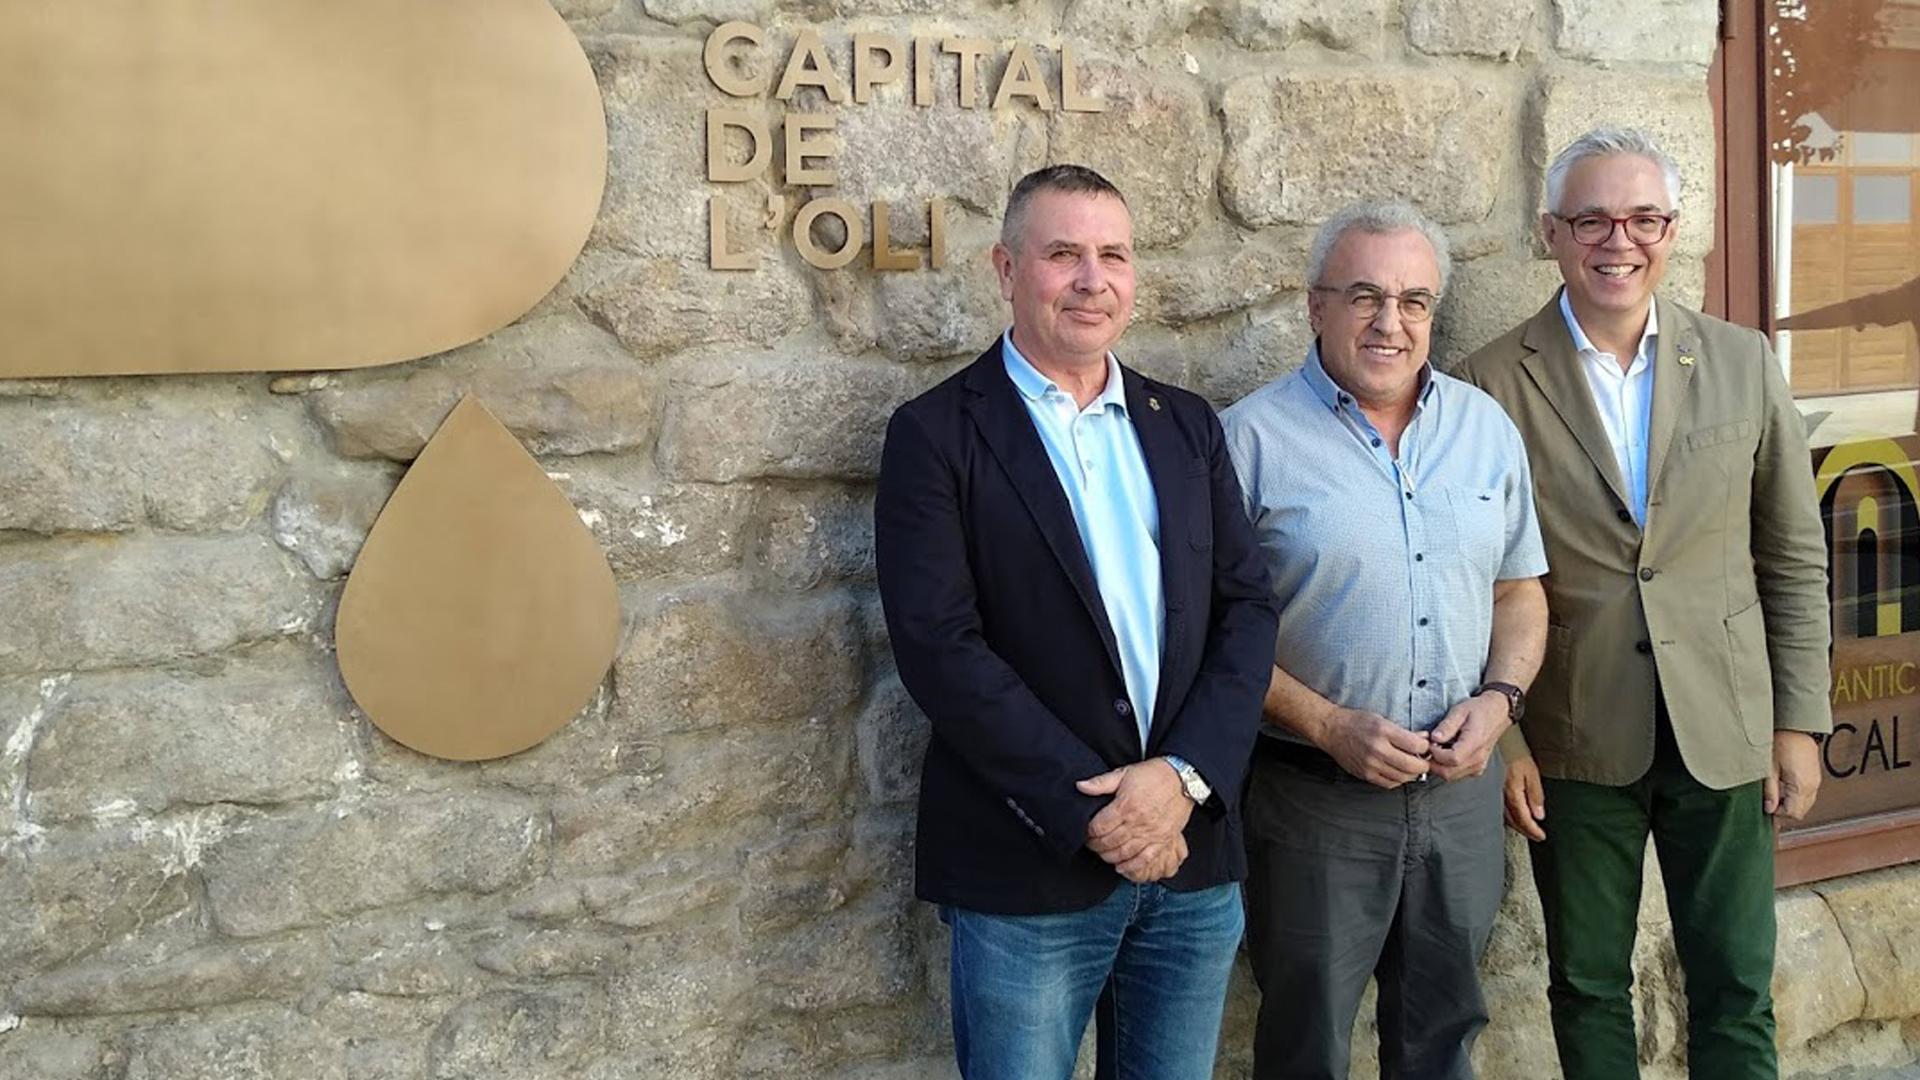 L'Ajuntament de les Borges Blanques convoca una plaça per a una persona tècnica en turisme